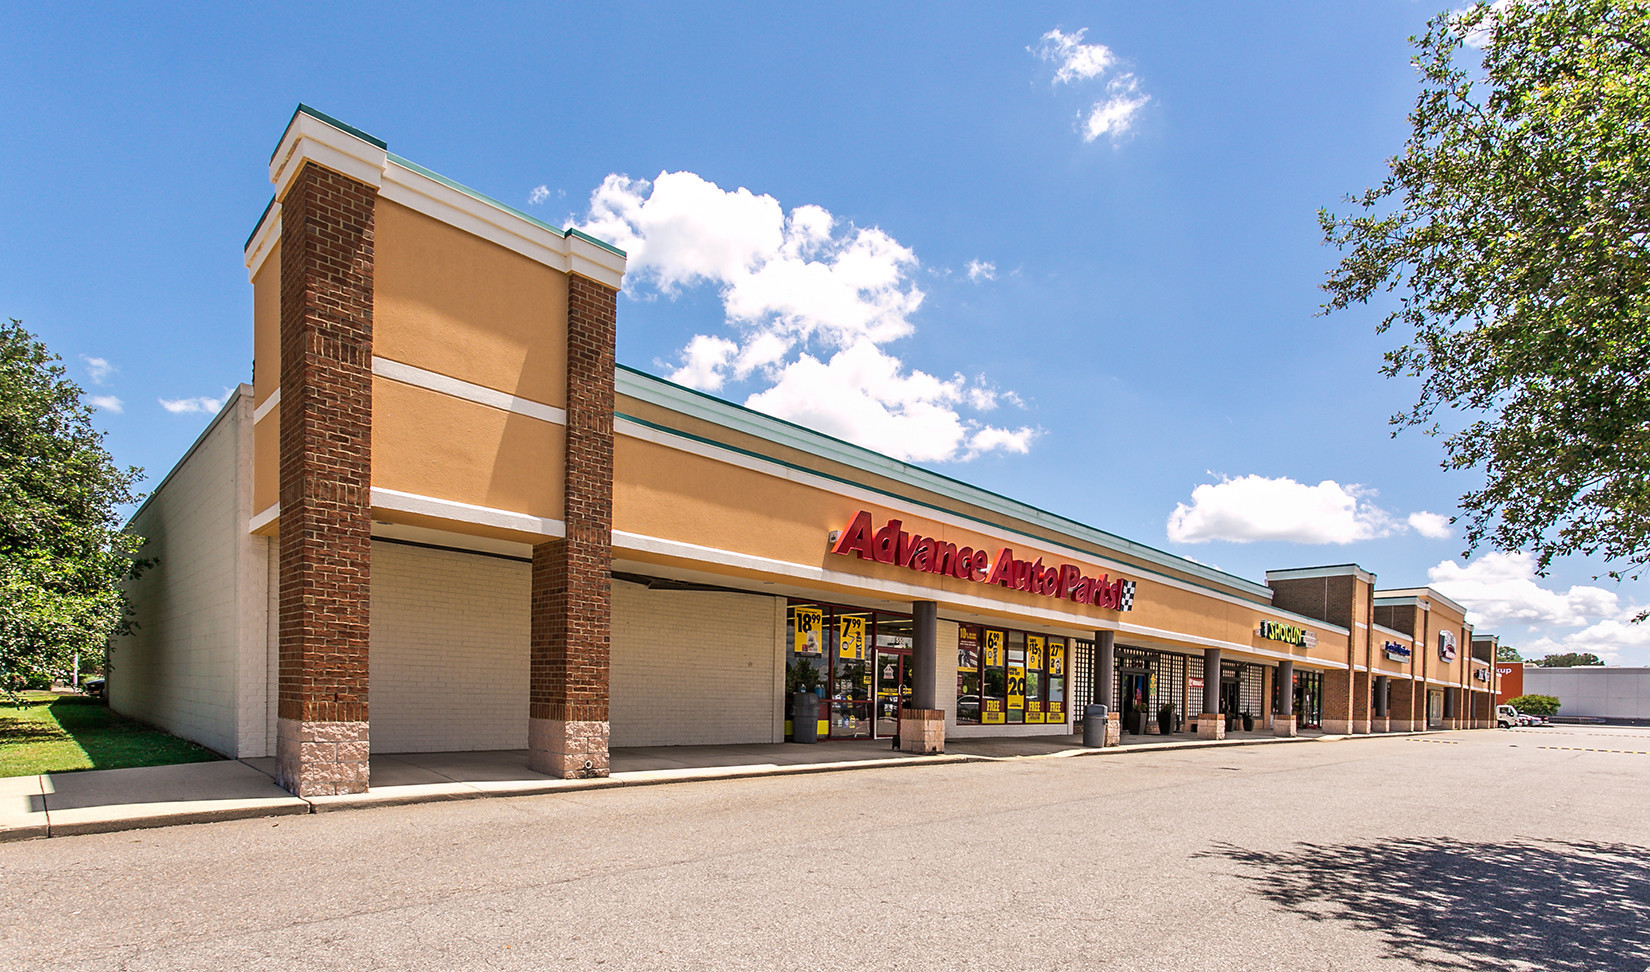 Hilltop Shopping Center Virginia Beach Va